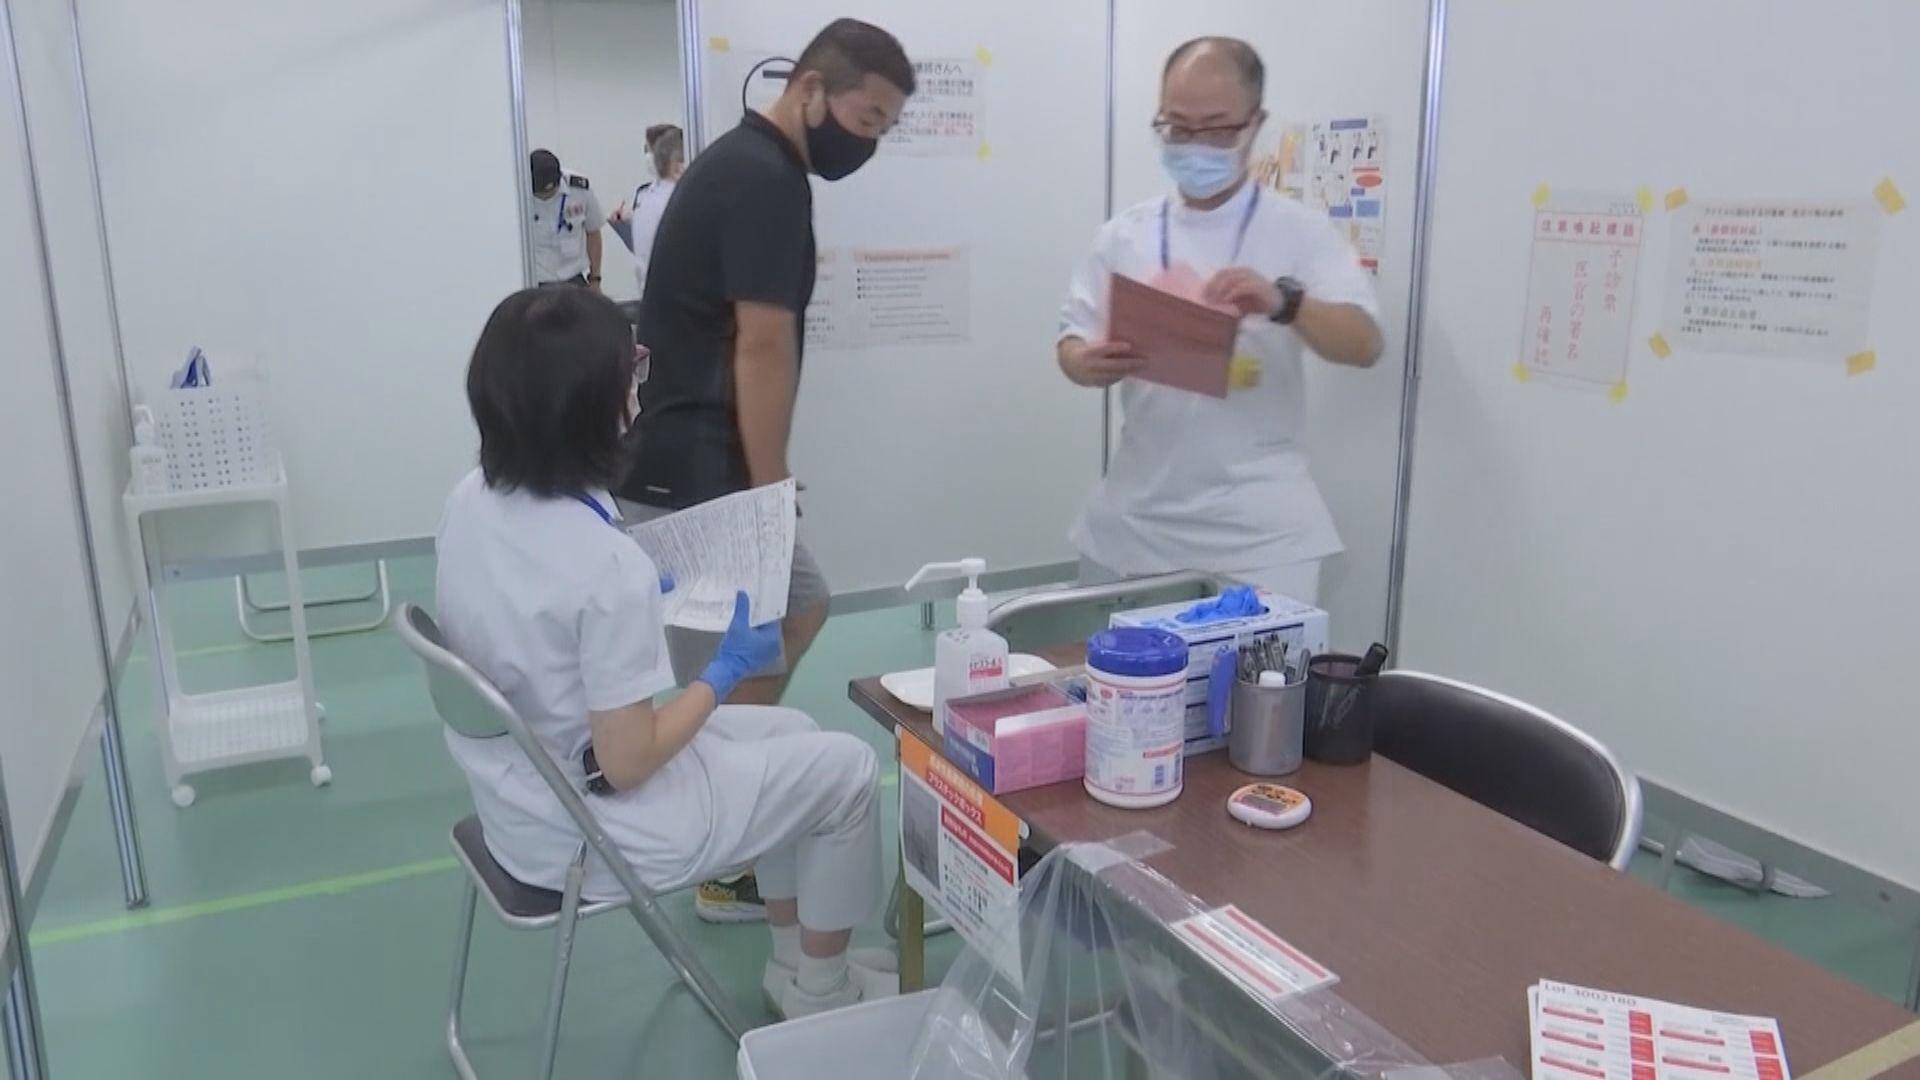 日本出現首宗青少年感染新冠病毒死亡病例